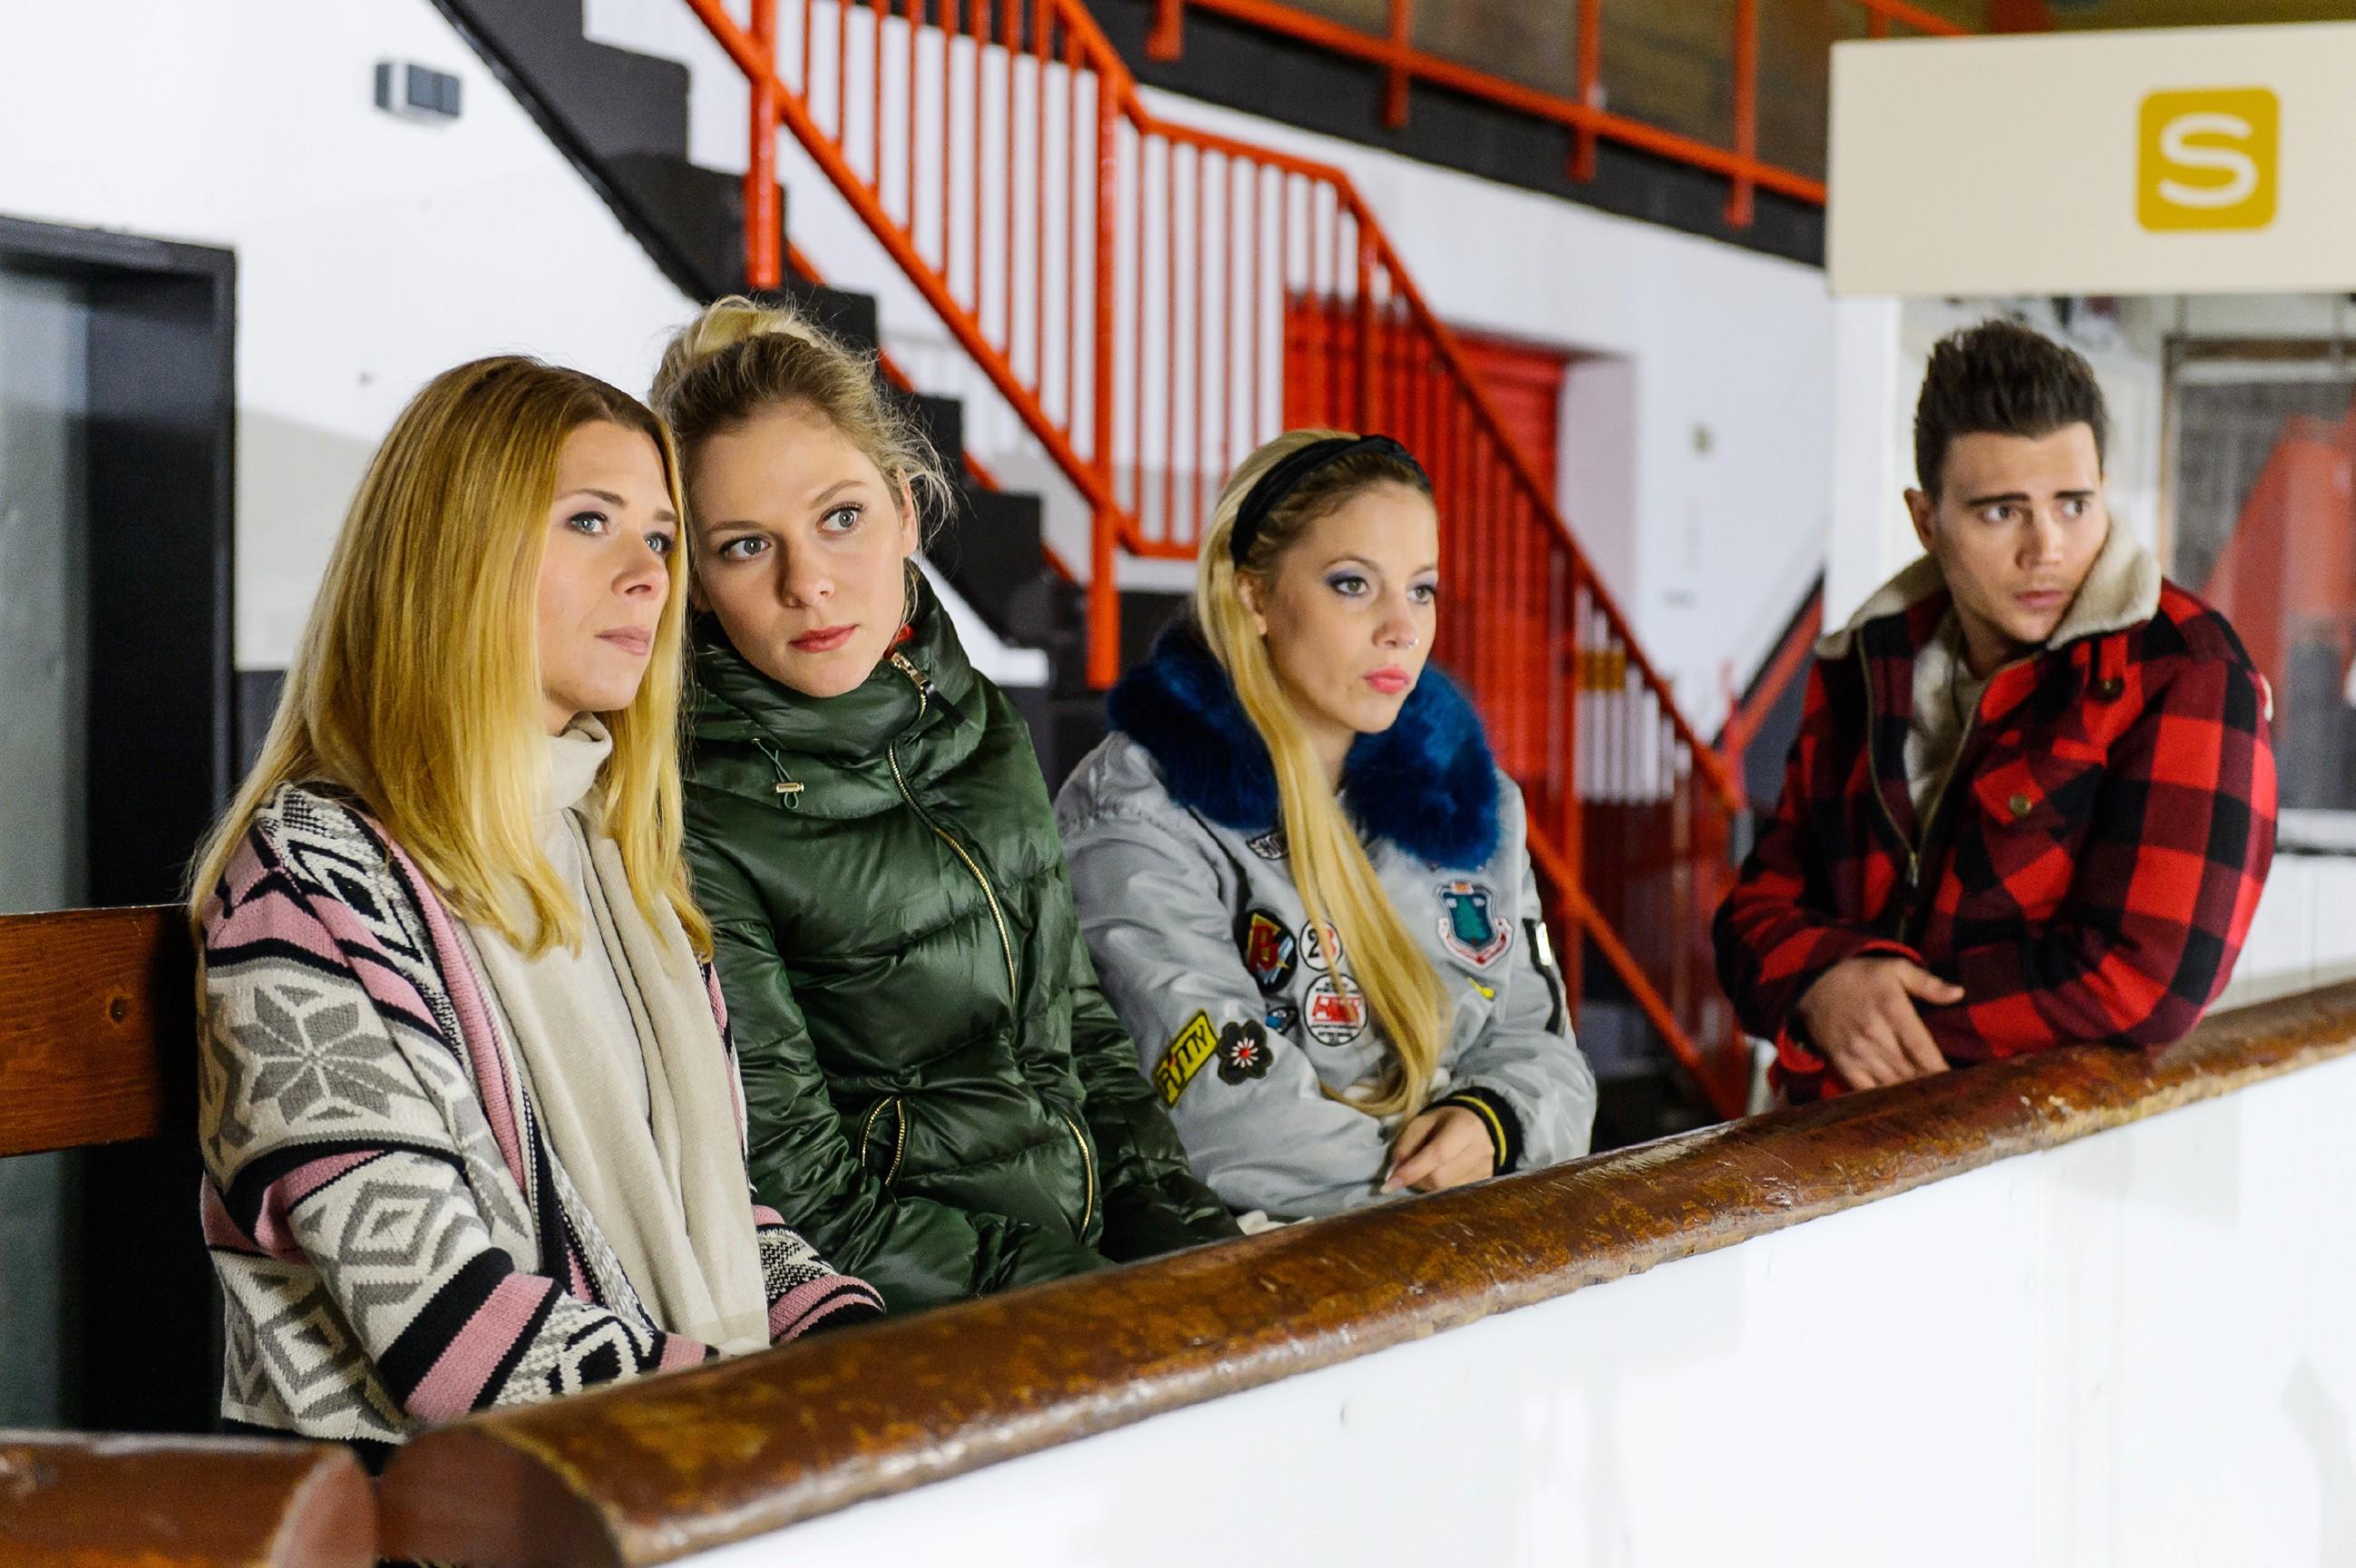 Diana (Tanja Szewczenko, l.), Marie (Cheyenne Pahde, 2.v.l.), Iva (Christina Klein) und Ronny (Bela Klentze) beobachten Michelle auf dem Eis und erkennen mitfühlend an, was für ein großes Opfer Michelle mit der Nierenspende auf sich nimmt. (Quelle: RTL / RTL / Willi Weber)